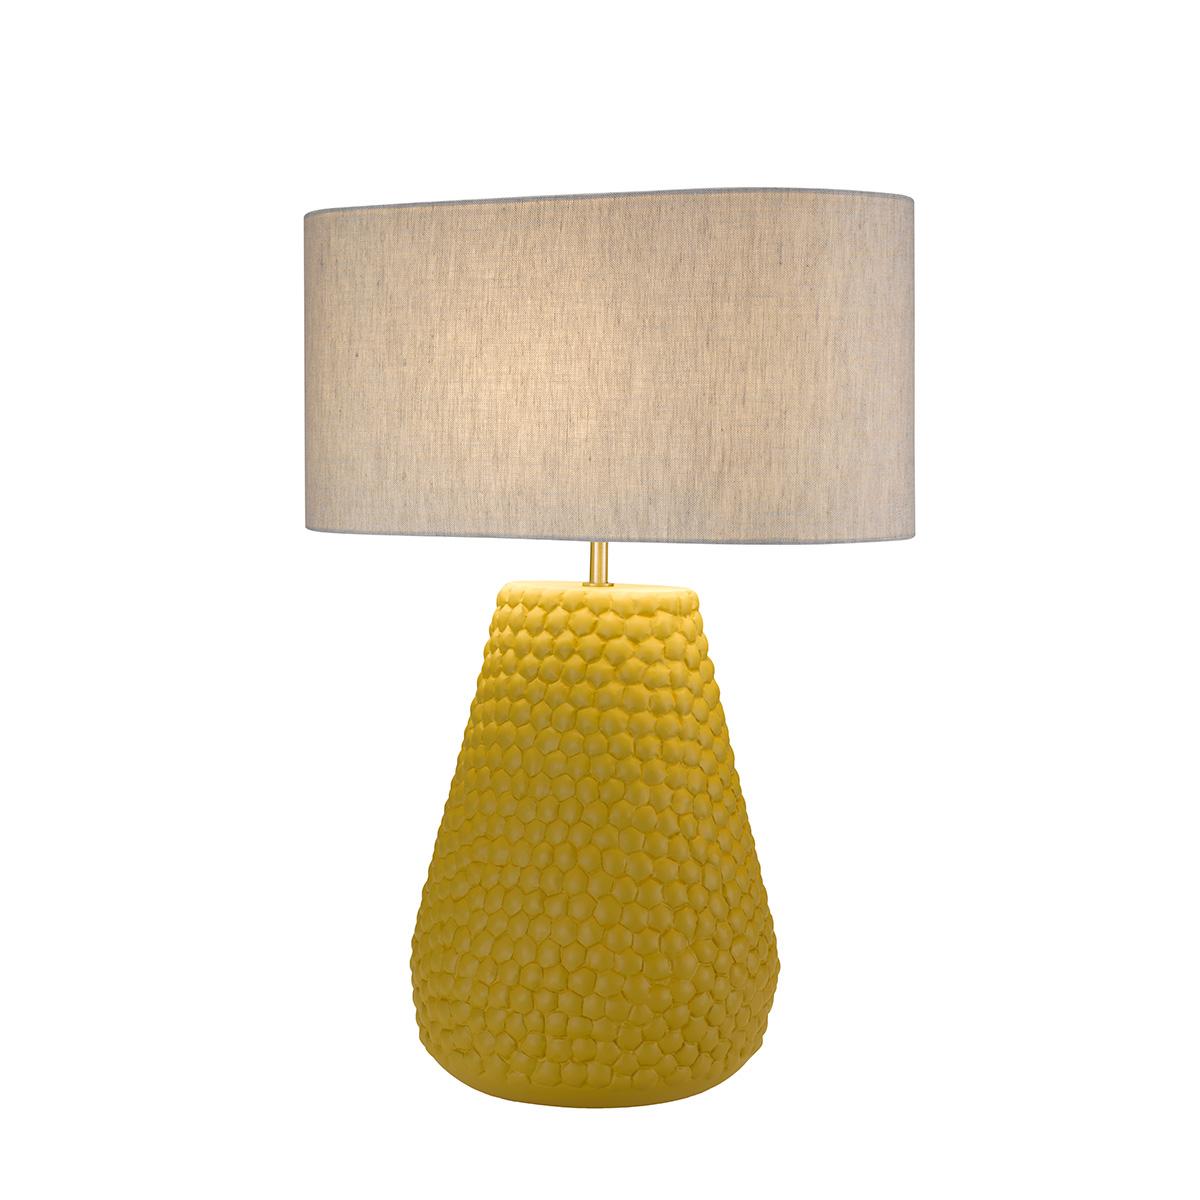 Επιτραπέζια κεραμική λάμπα PAPAYA ceramic table lamp